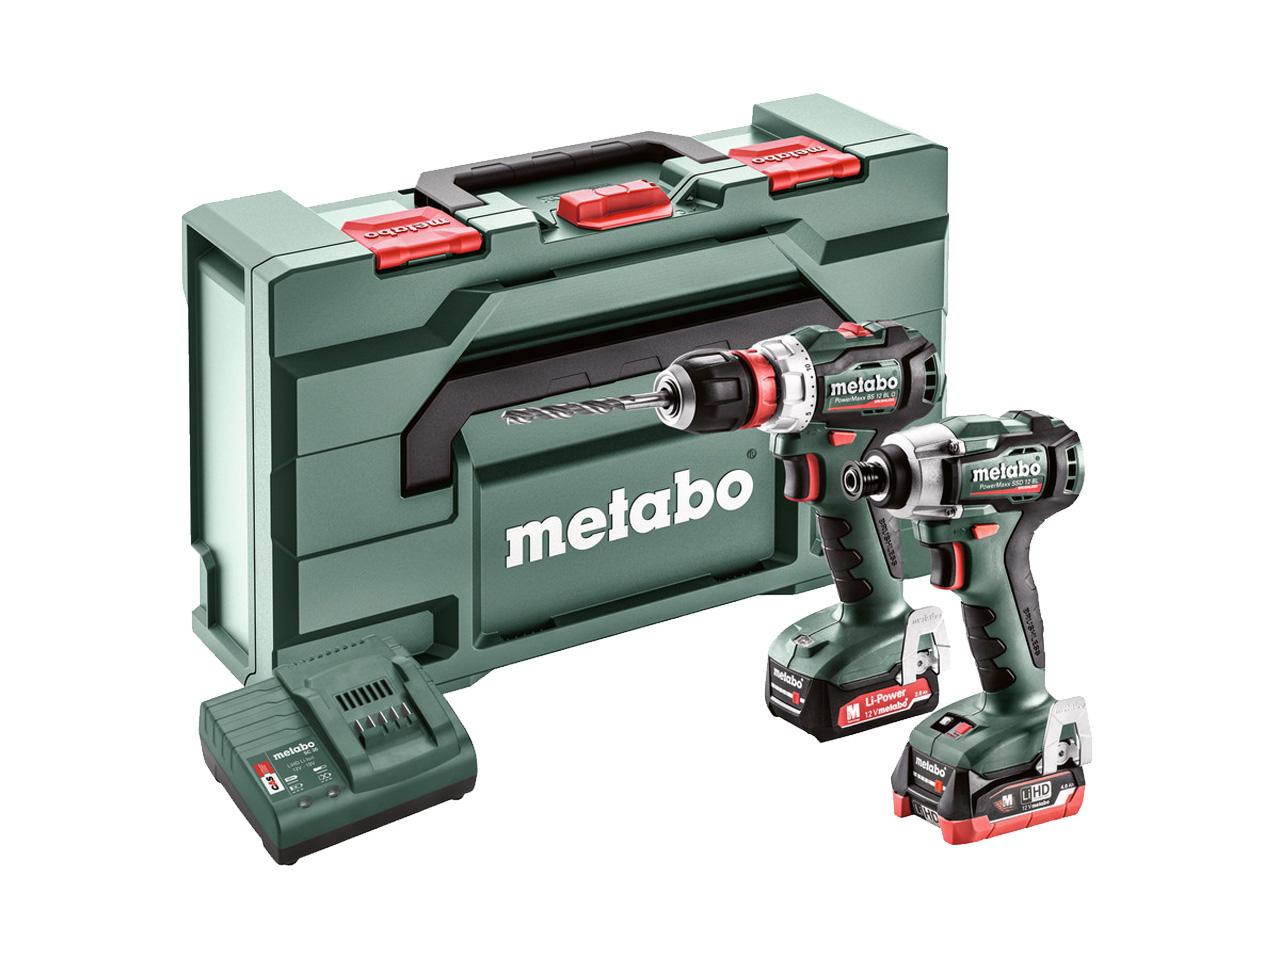 Metabo_685164000v2.jpg